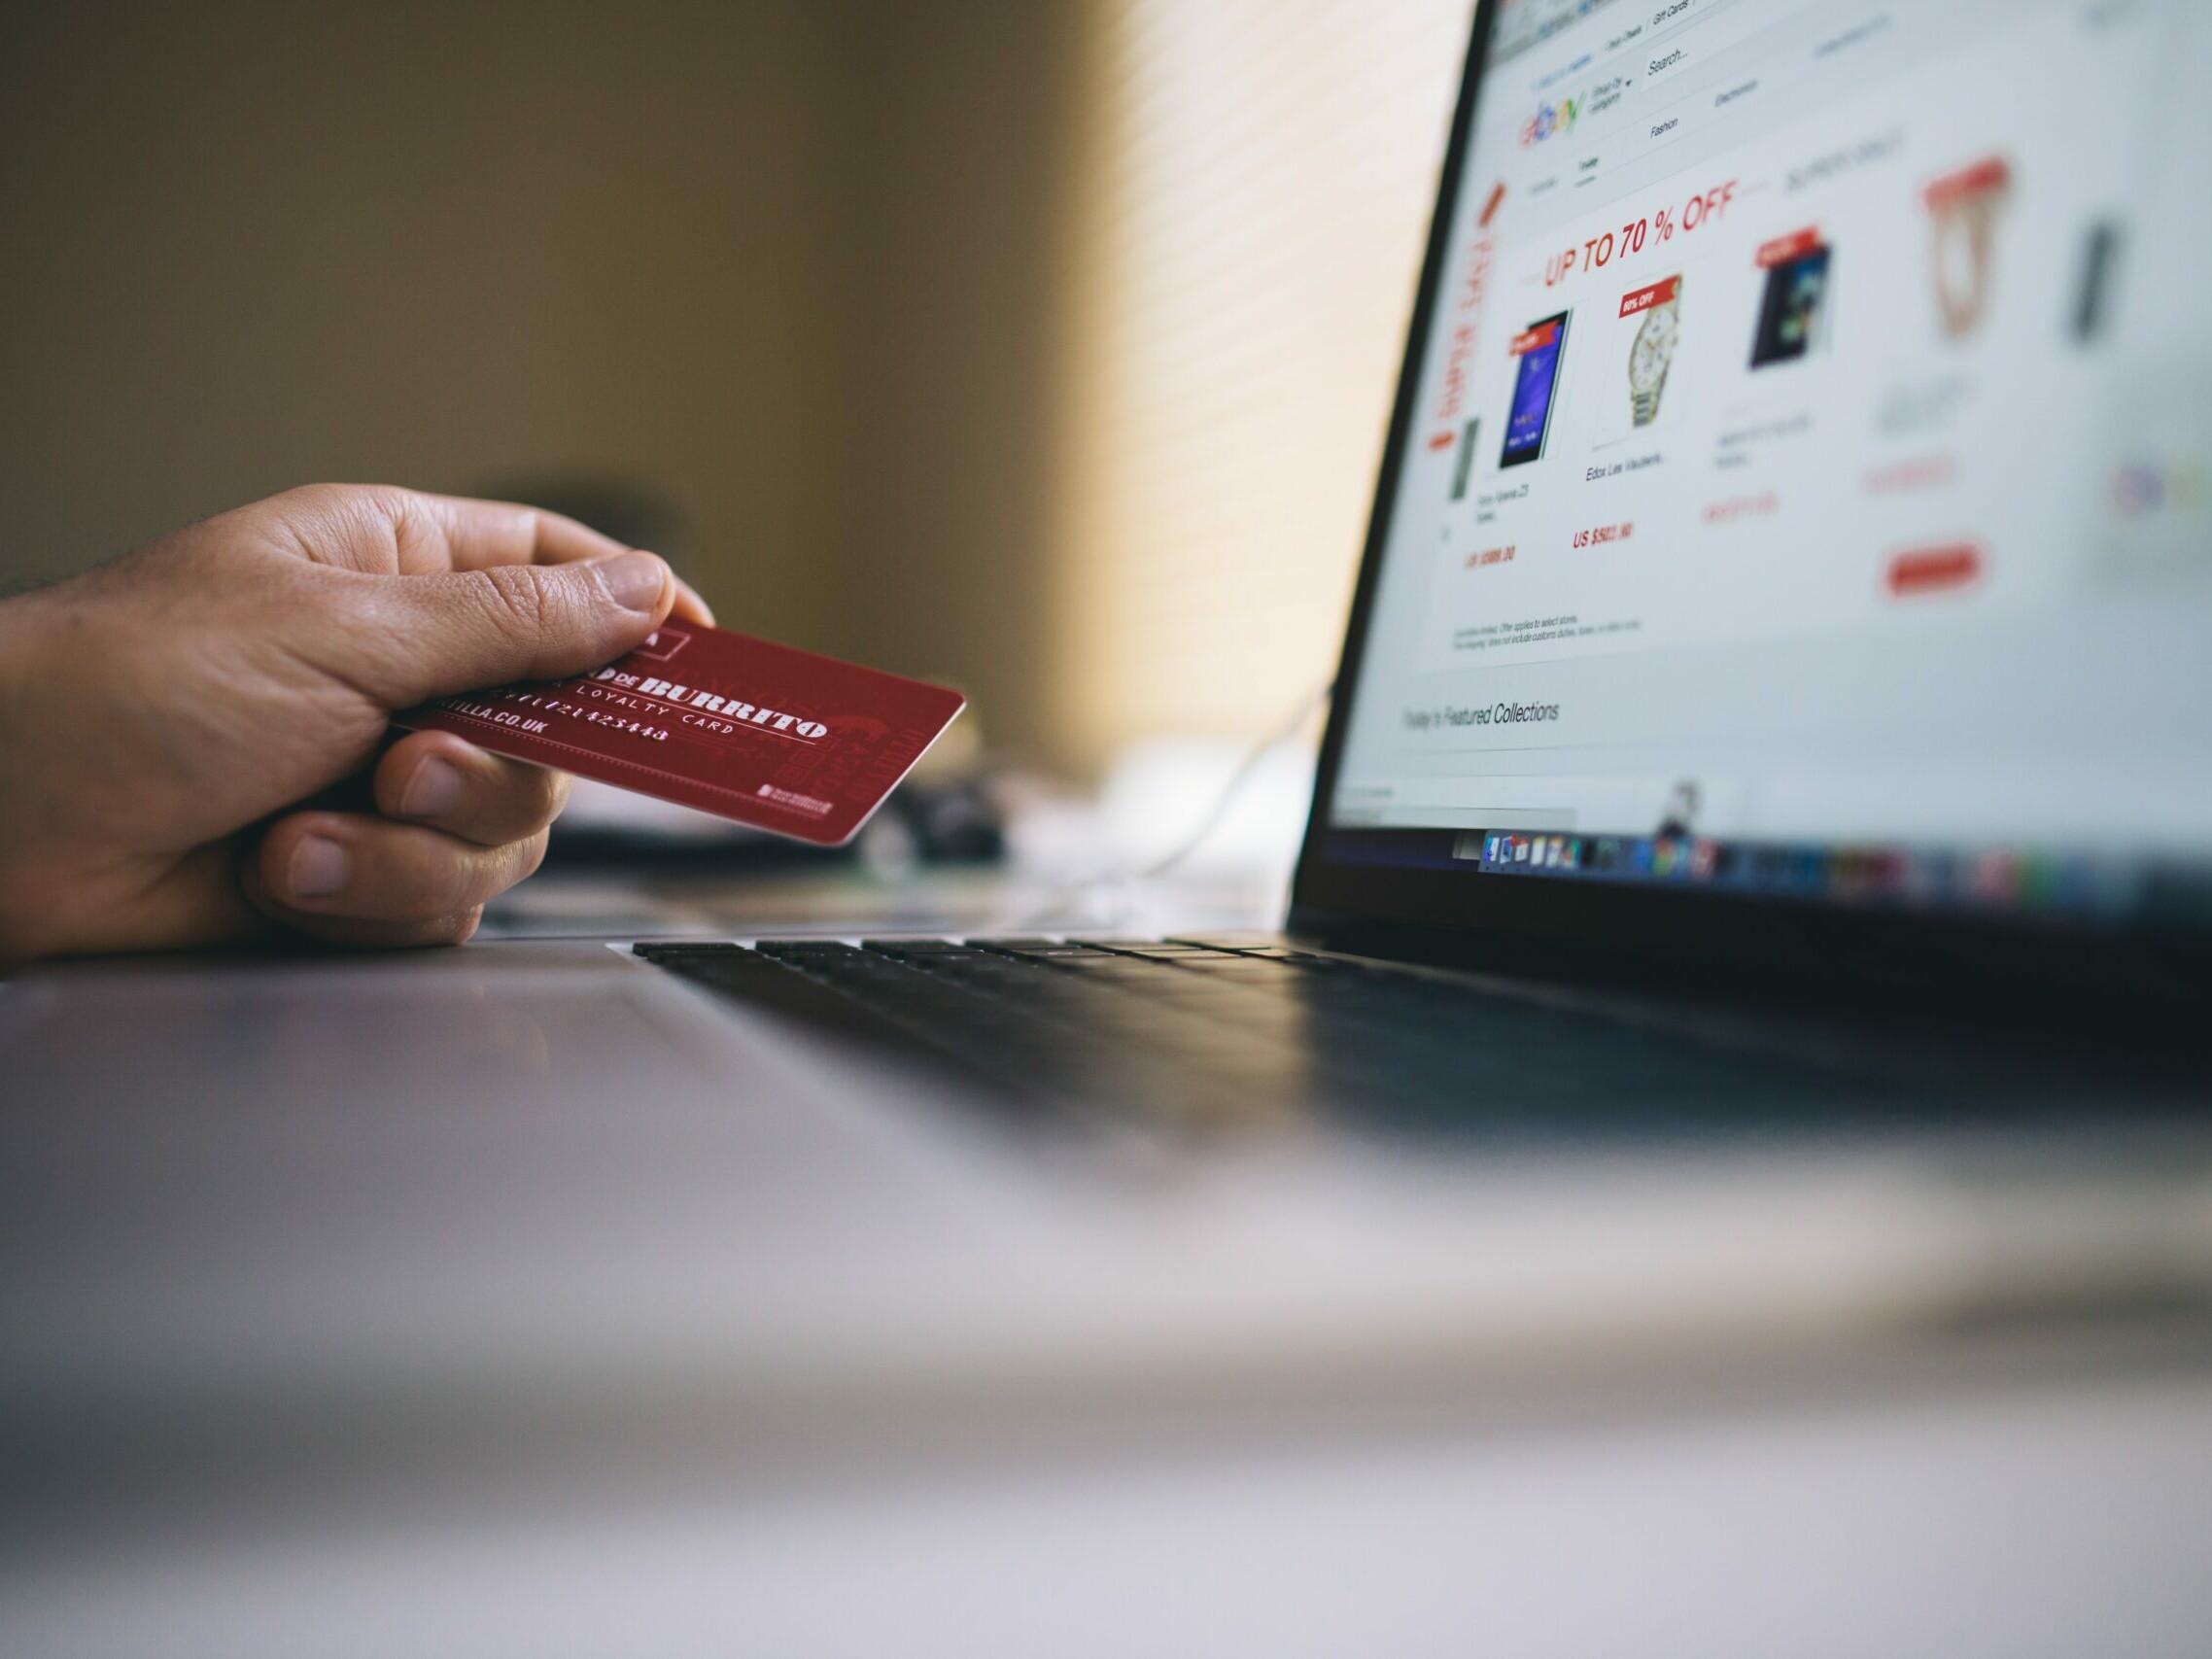 Eine Person vor einem Laptop mit einer Kreditkarte in der Hand.